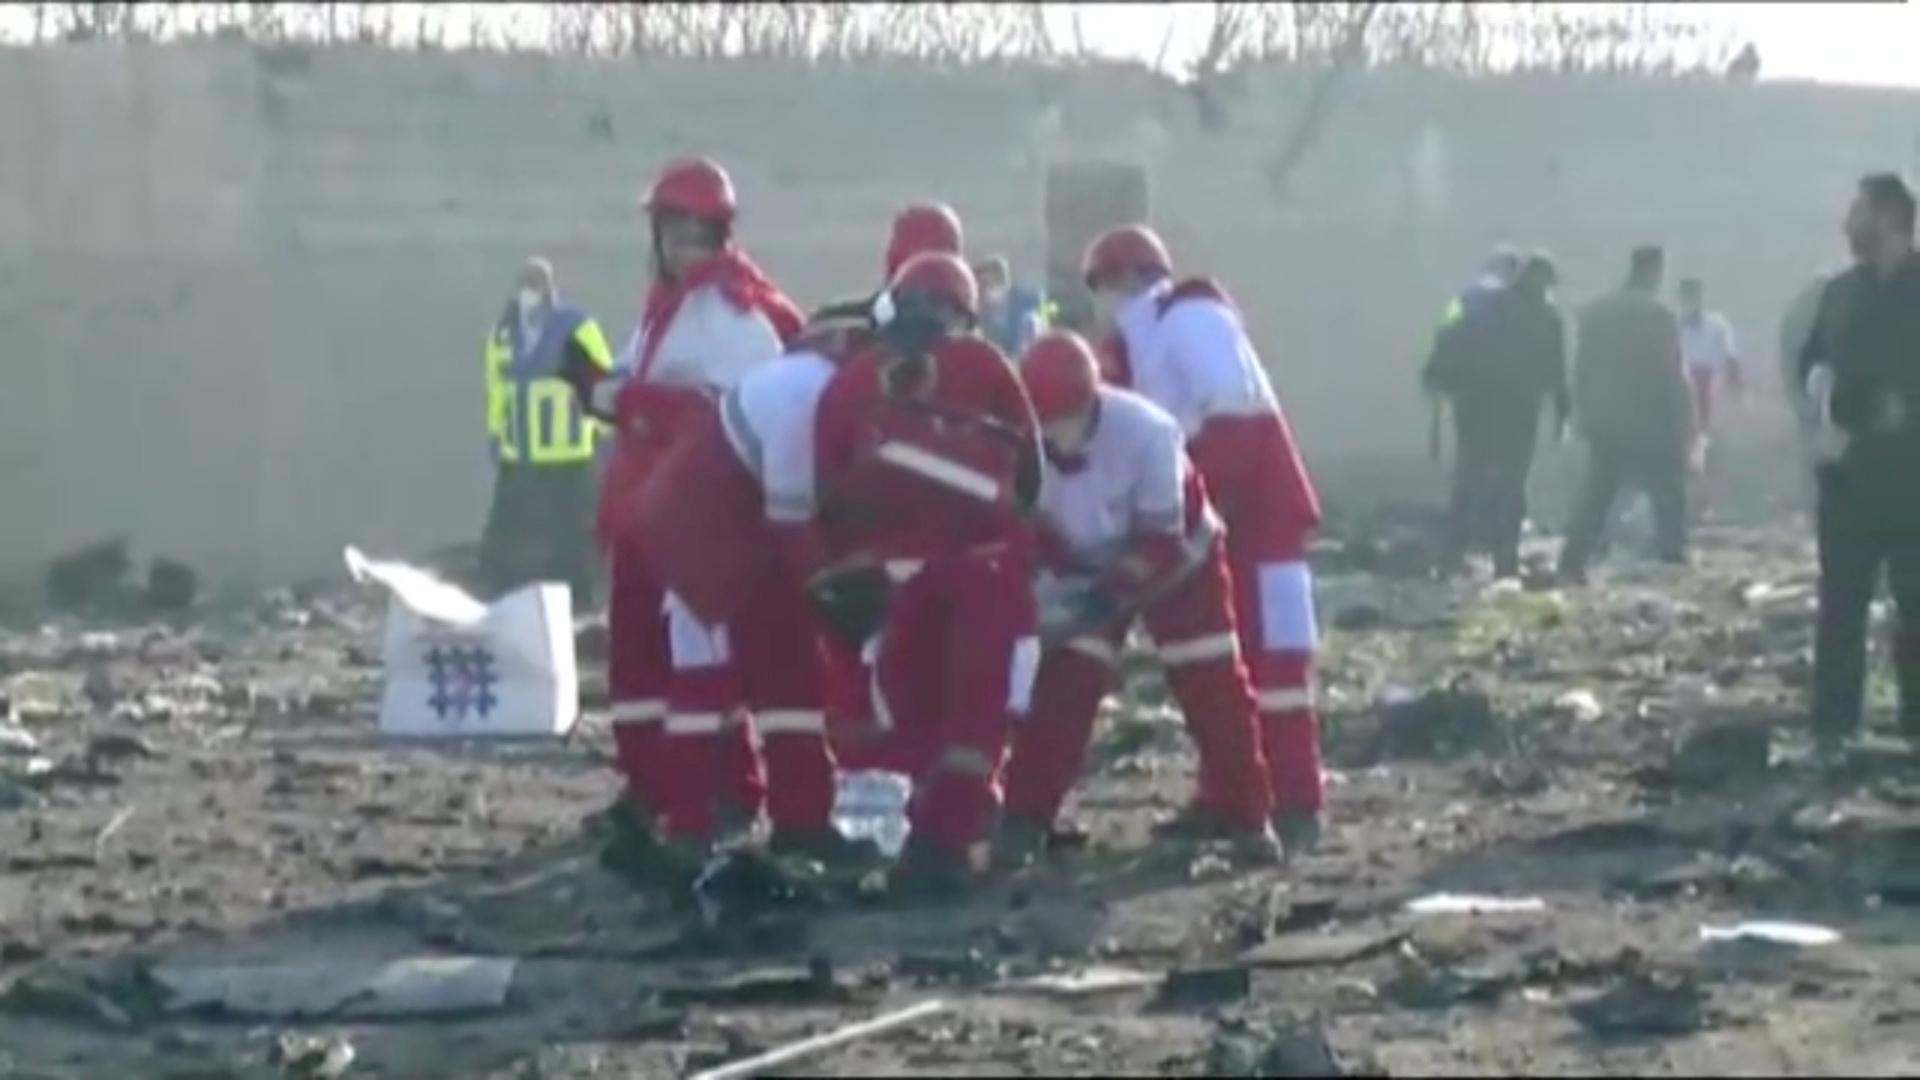 صحيفة: إيران تدعو واشنطن للمشاركة في التحقيق بكارثة الطائرة الأوكرانية